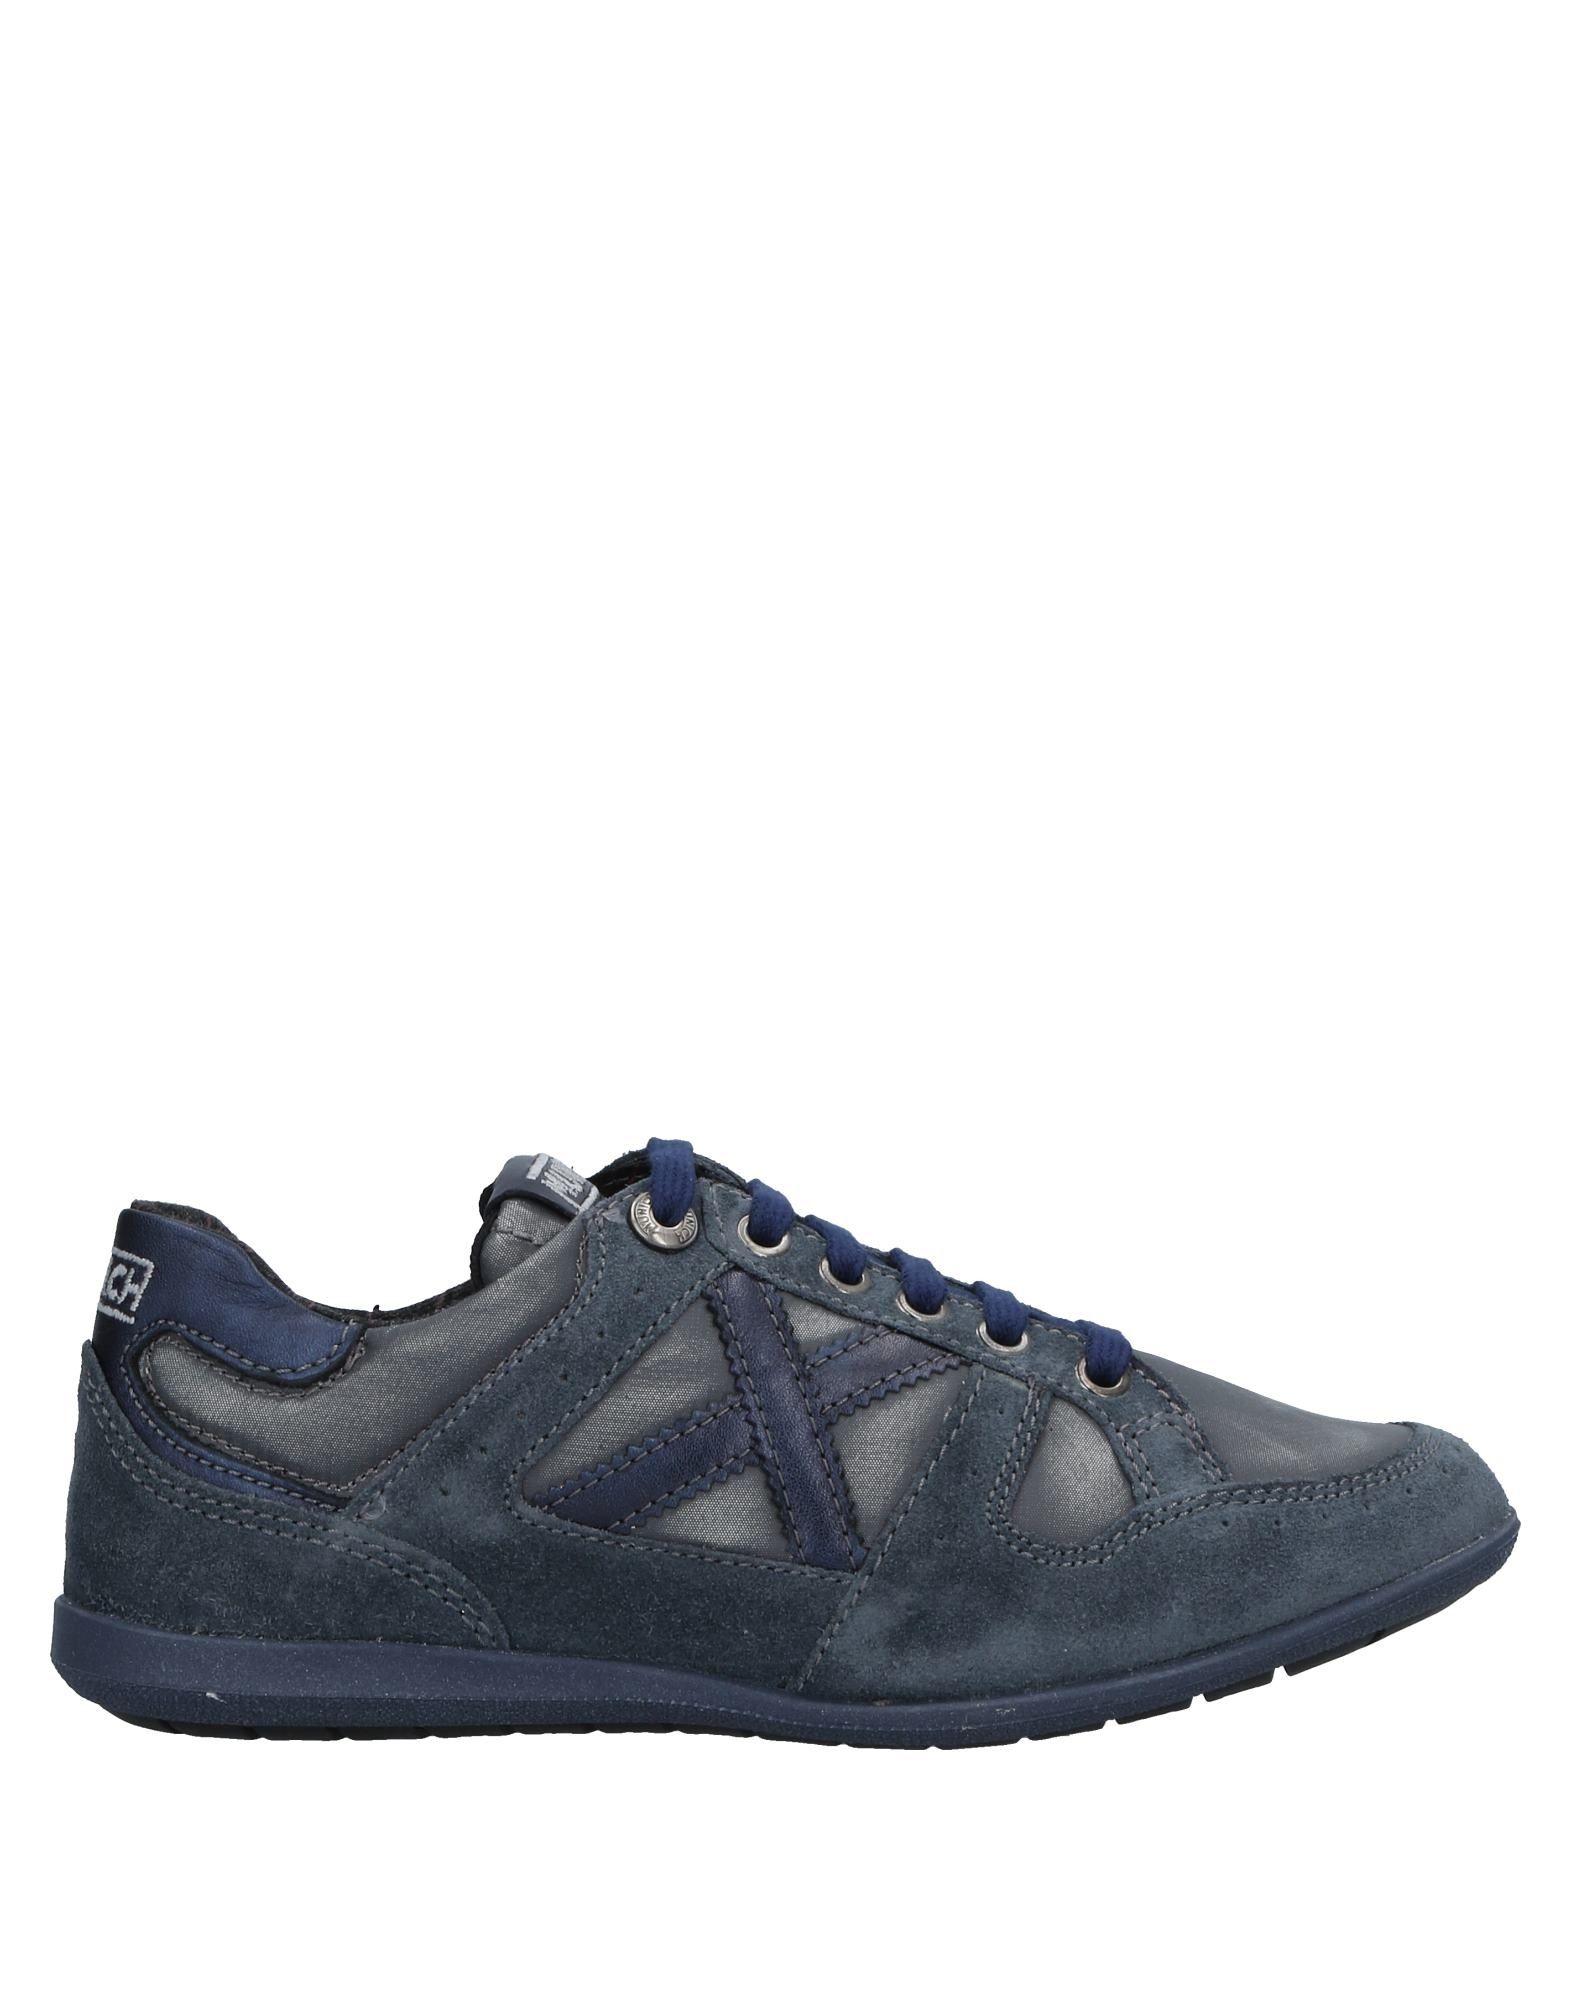 Munich Sneakers Damen  Gute 11530722NC Gute  Qualität beliebte Schuhe 65d3c1